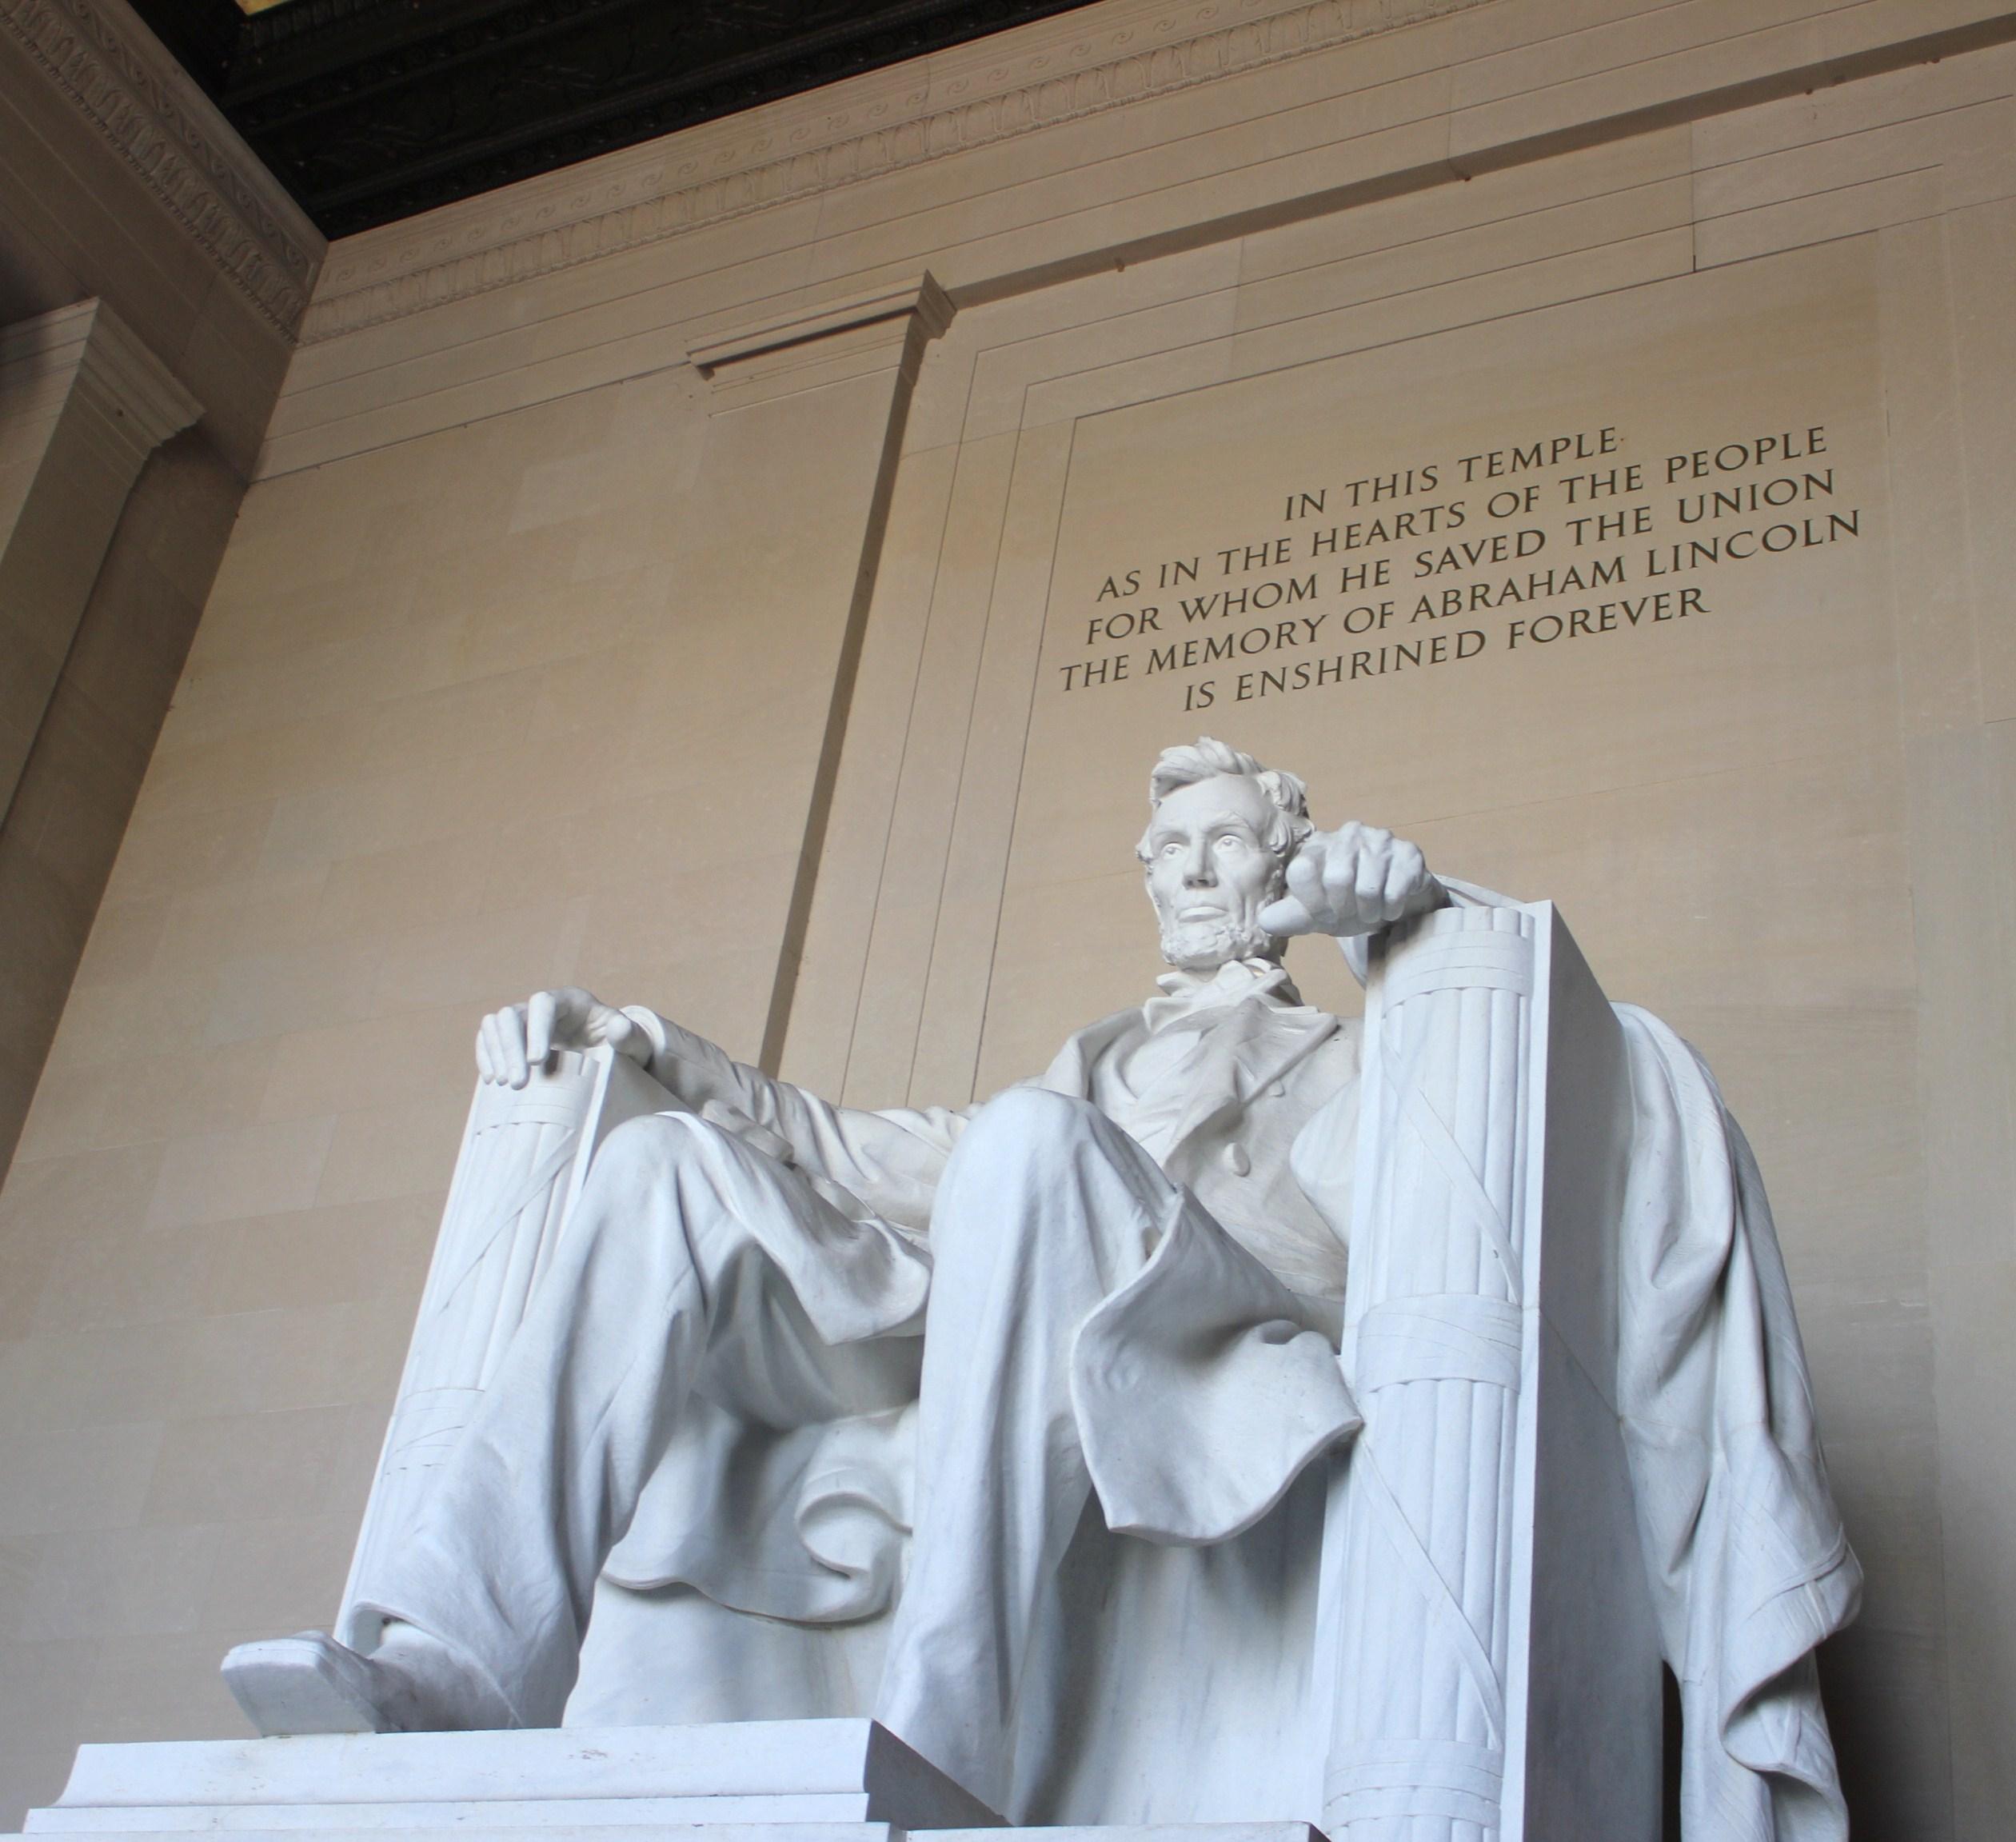 Lincoln Memorial, Washington D.C